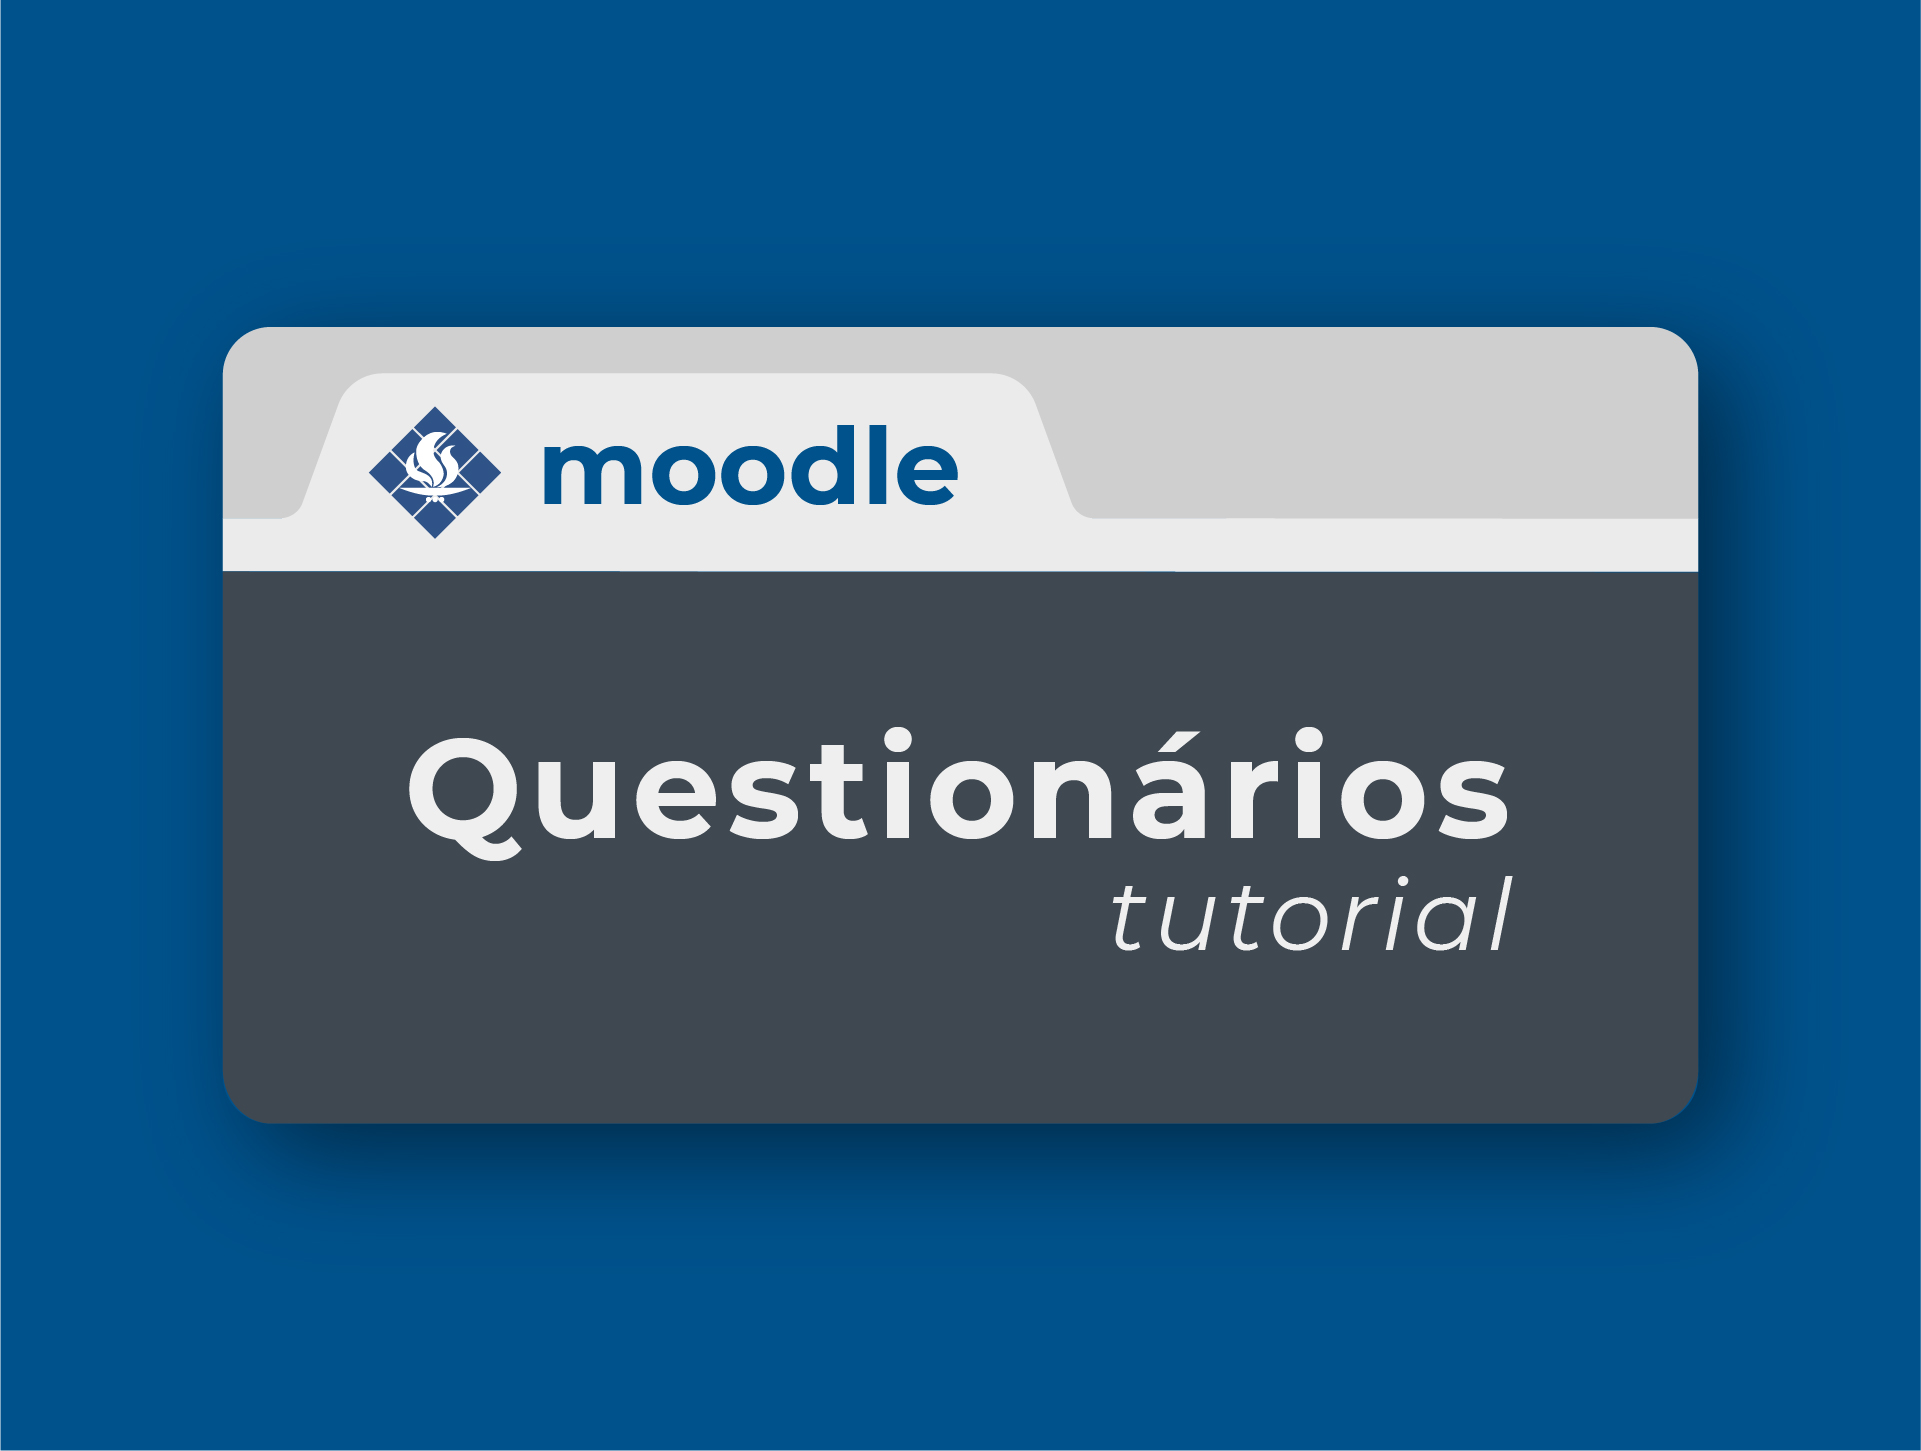 Imagem do curso Criando Questionários no Moodle. Clique para acessar a página principal do curso.